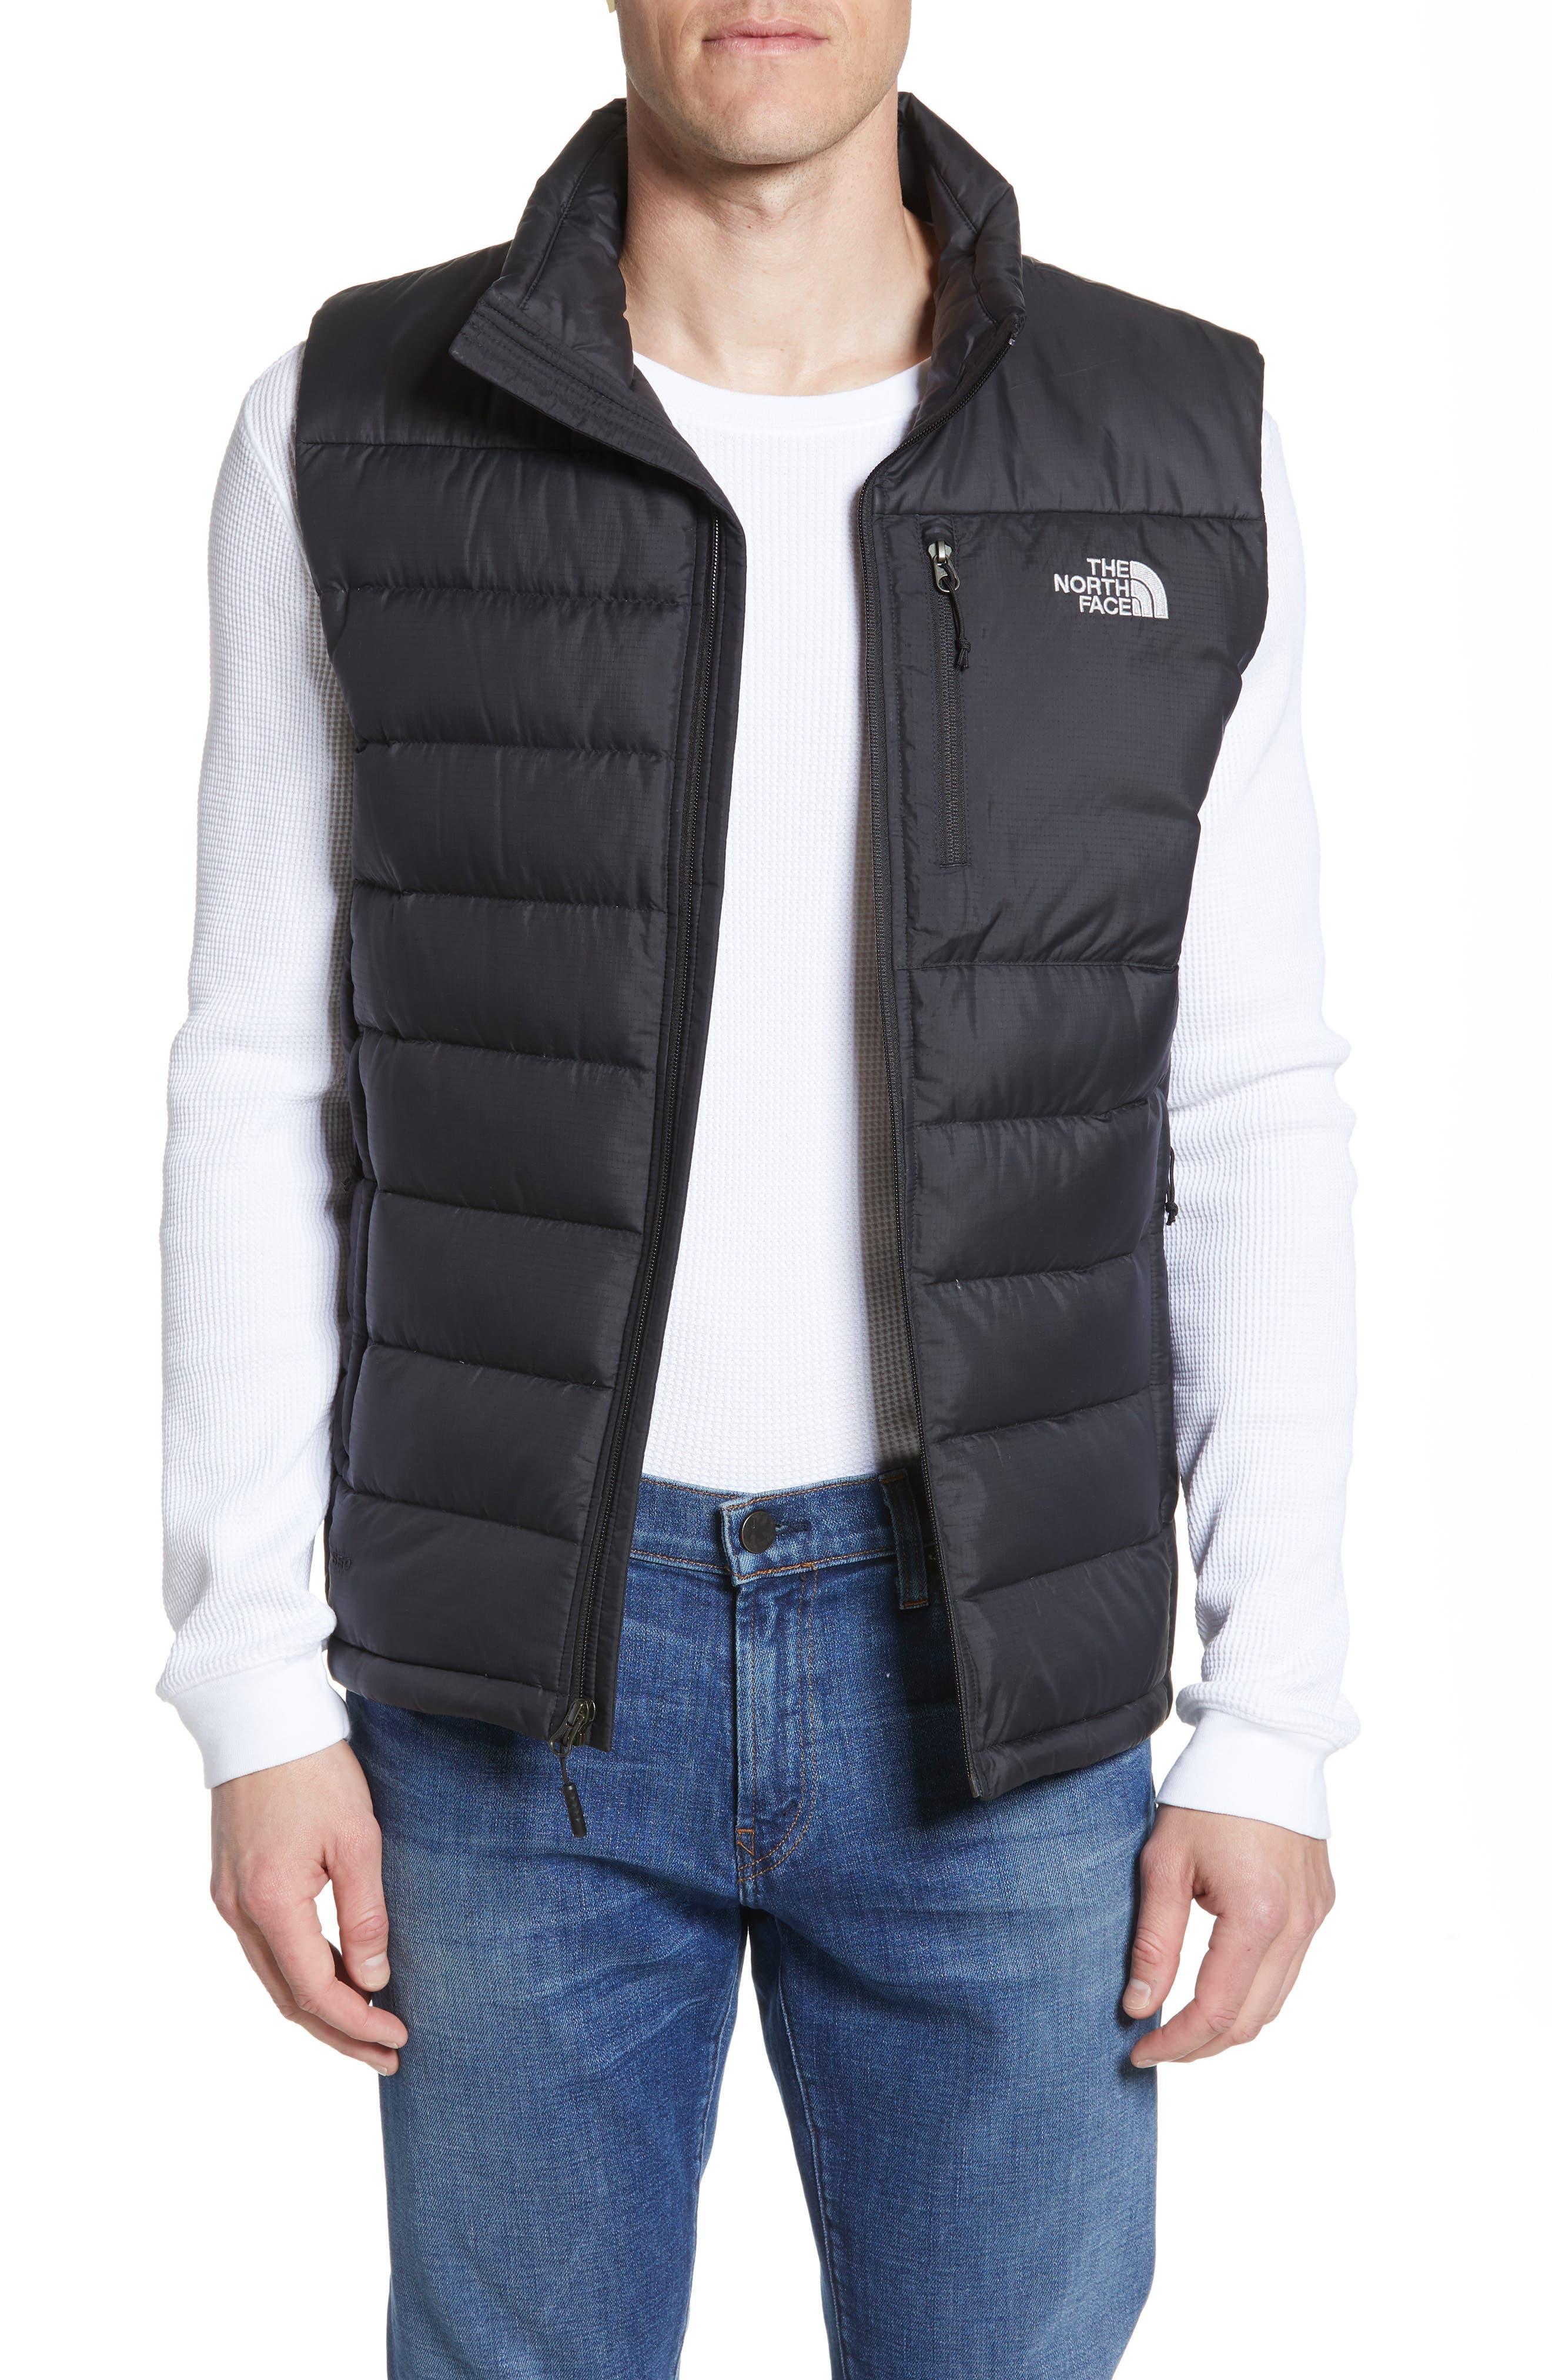 THE NORTH FACE, 'Aconcagua' Goose Down Vest, Alternate thumbnail 2, color, 001